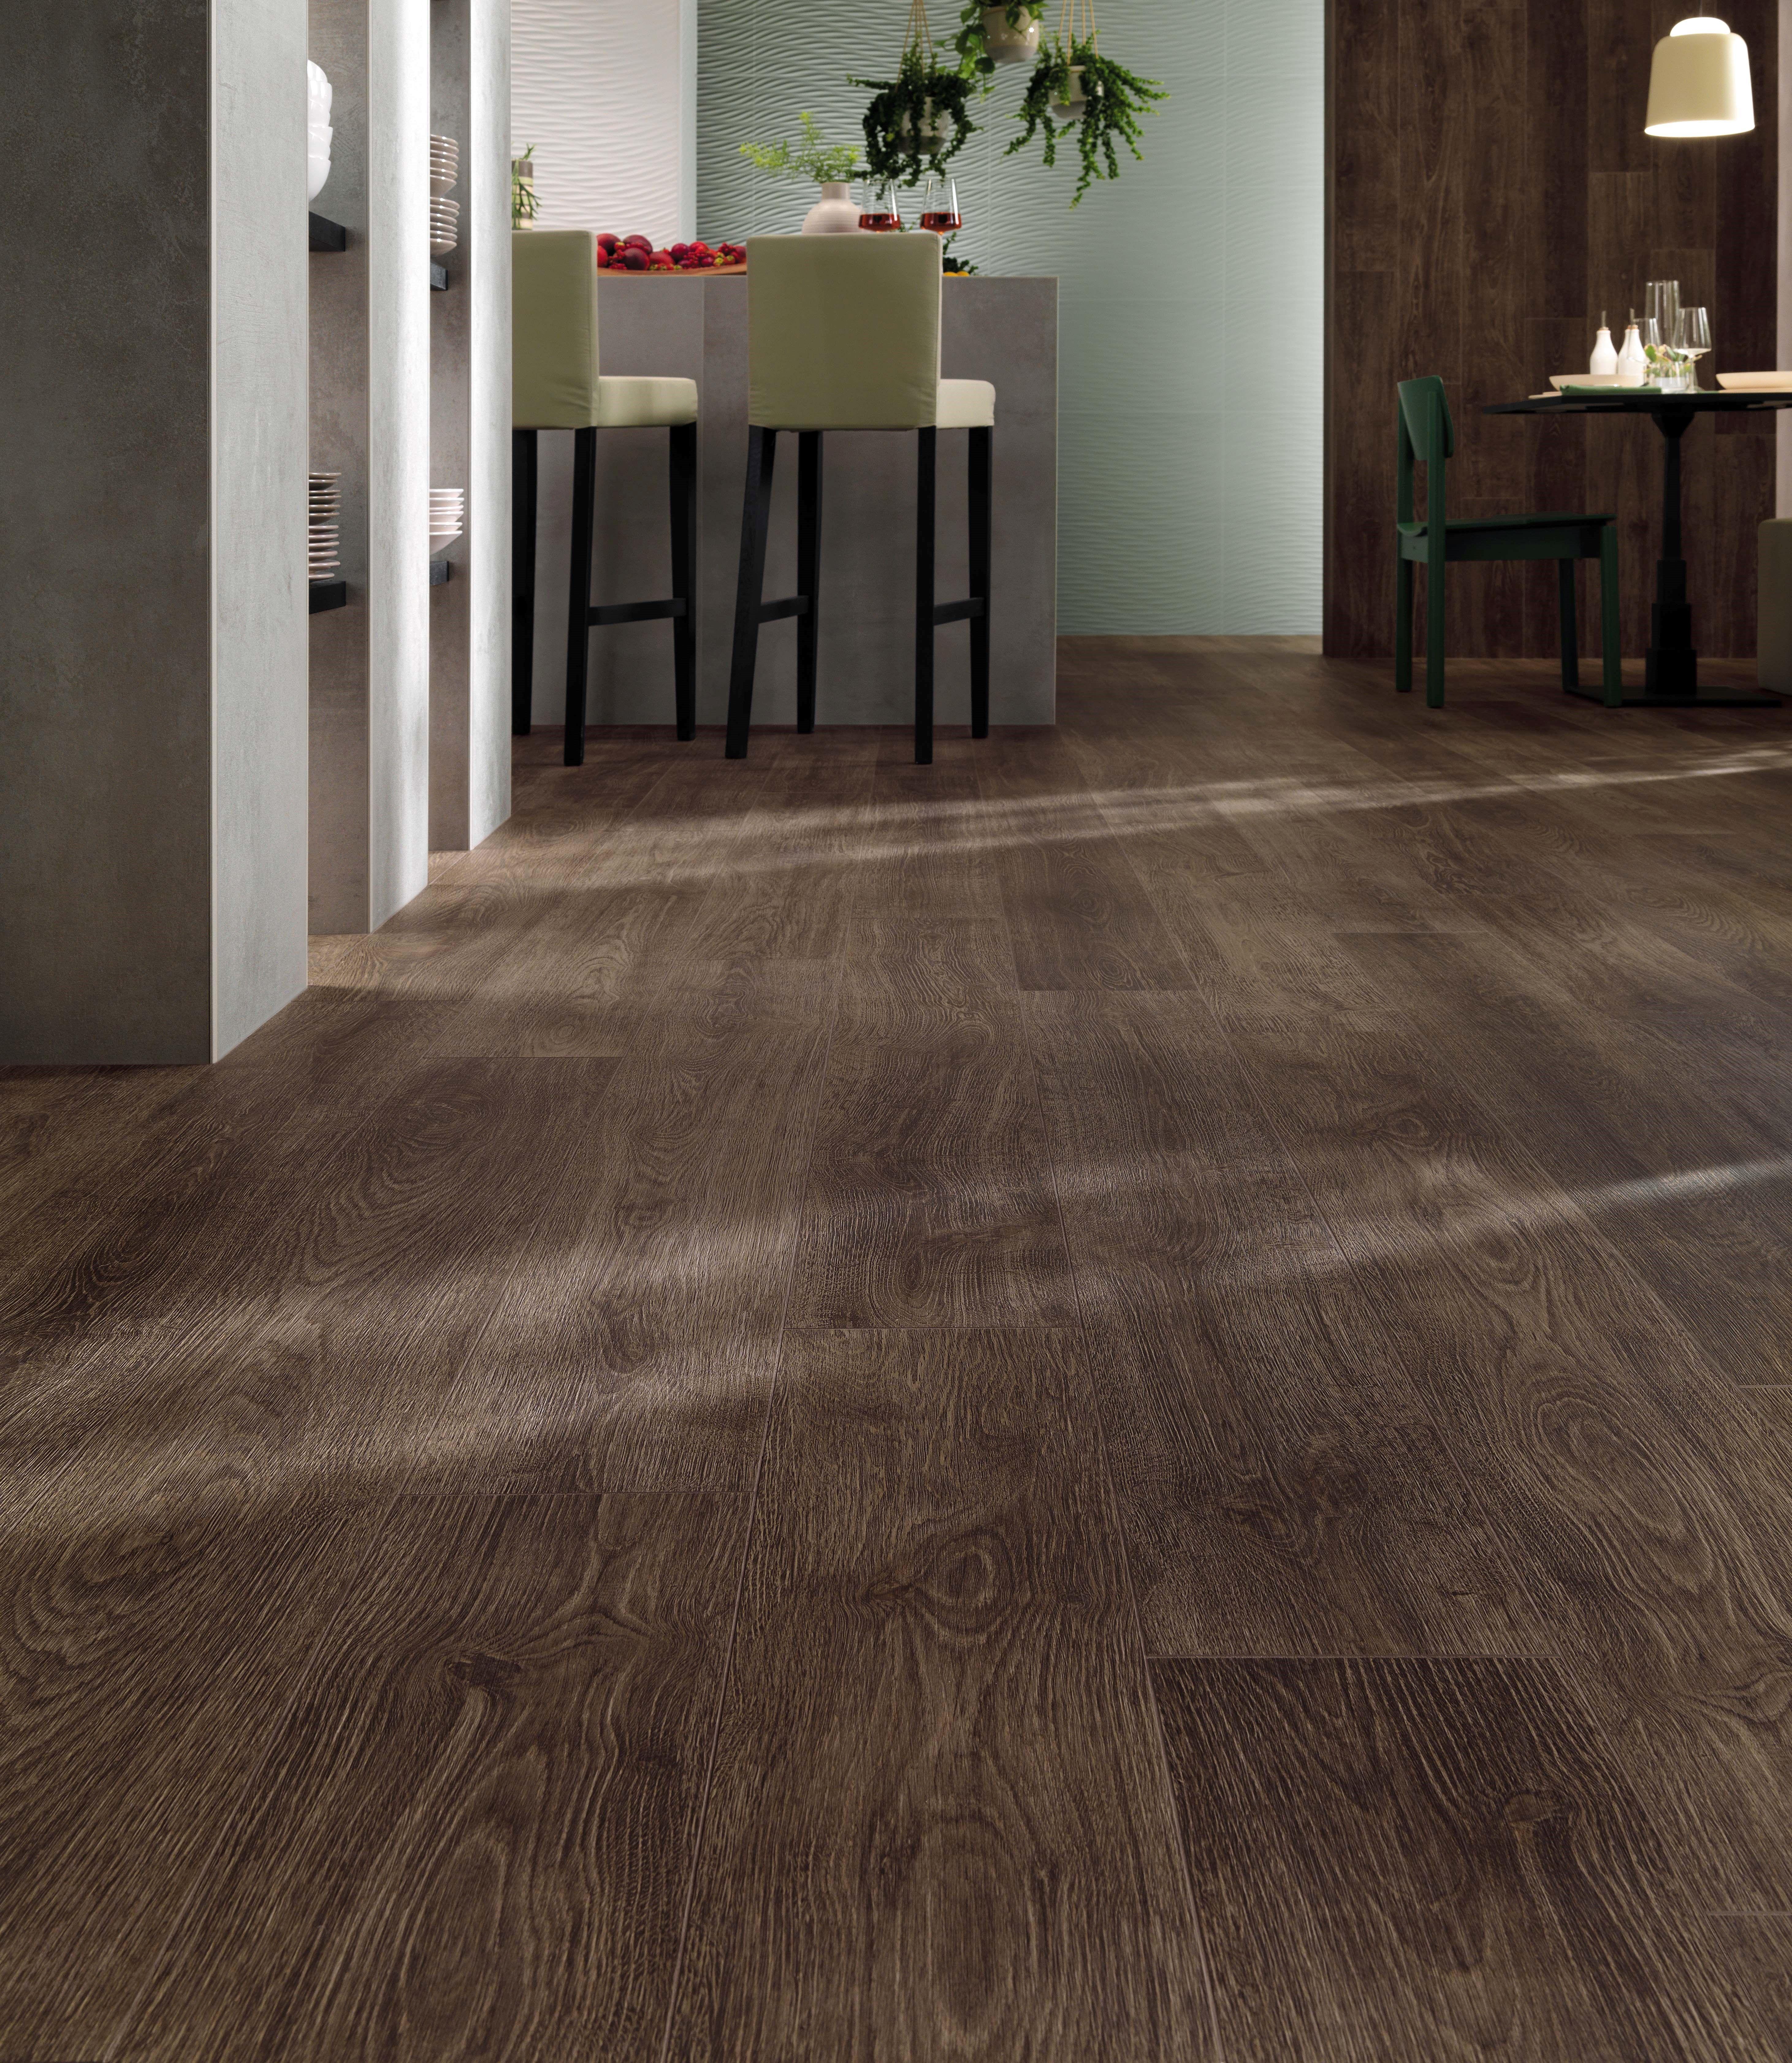 Dark Wood Floors Using Minoli Porcelain Tiles Create Exceptional Rooms With Minimal Maintenance And Maximum Impact Minoli A Wood Effect Tiles Wood Like Tile Wood Look Tile